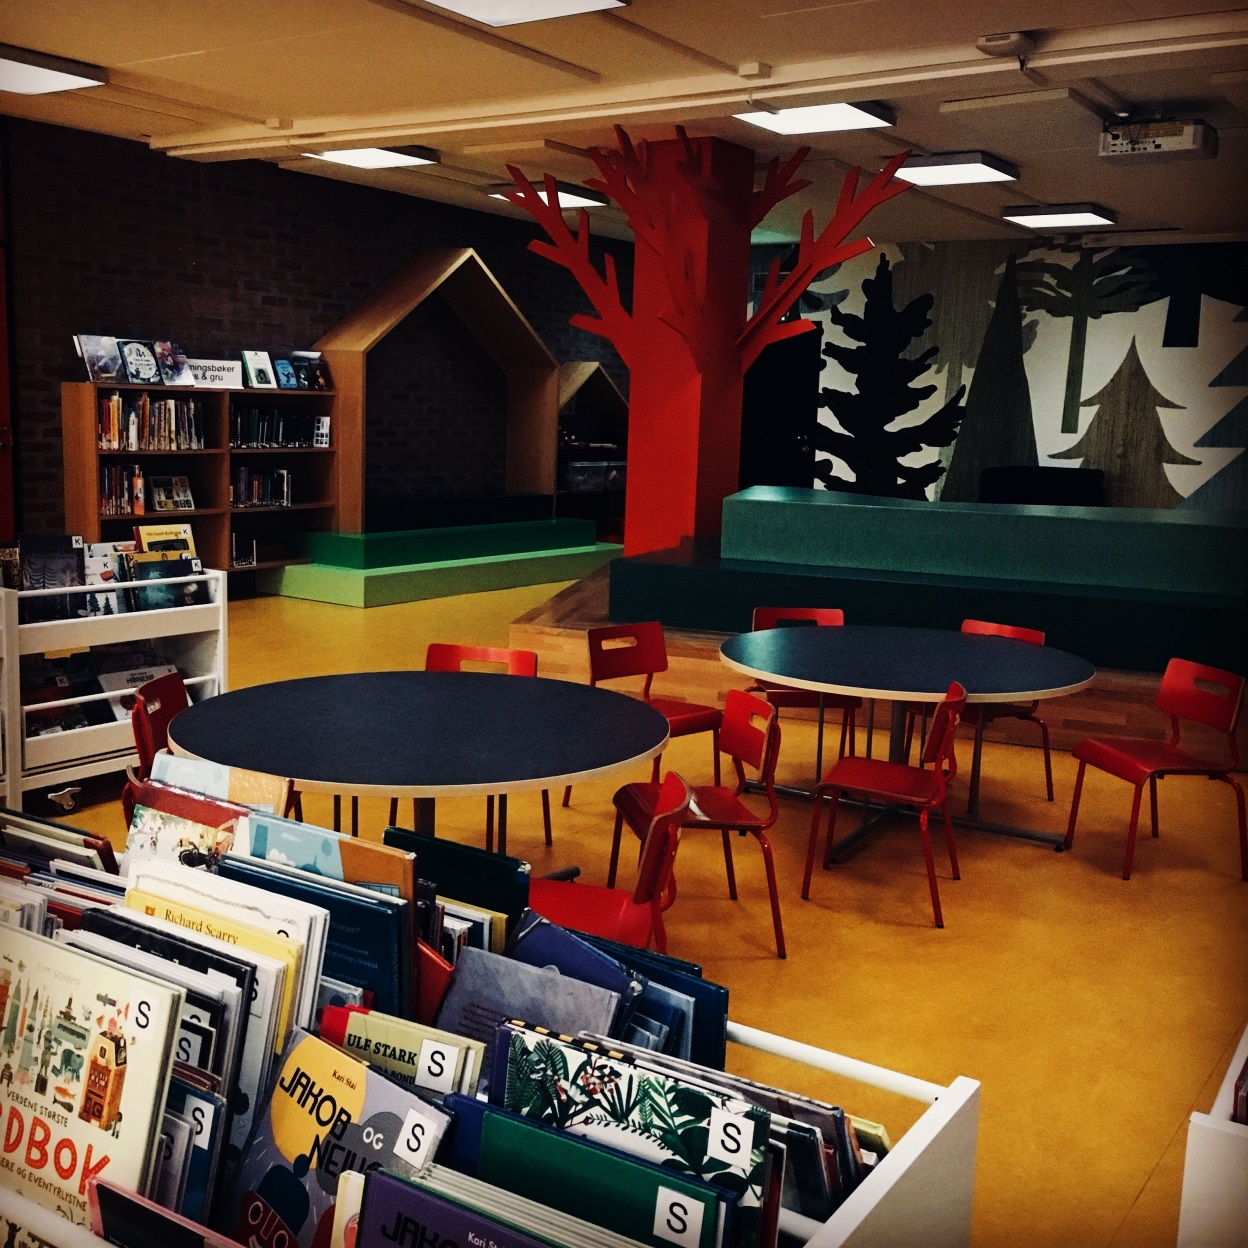 FULLT: Natt på biblioteket